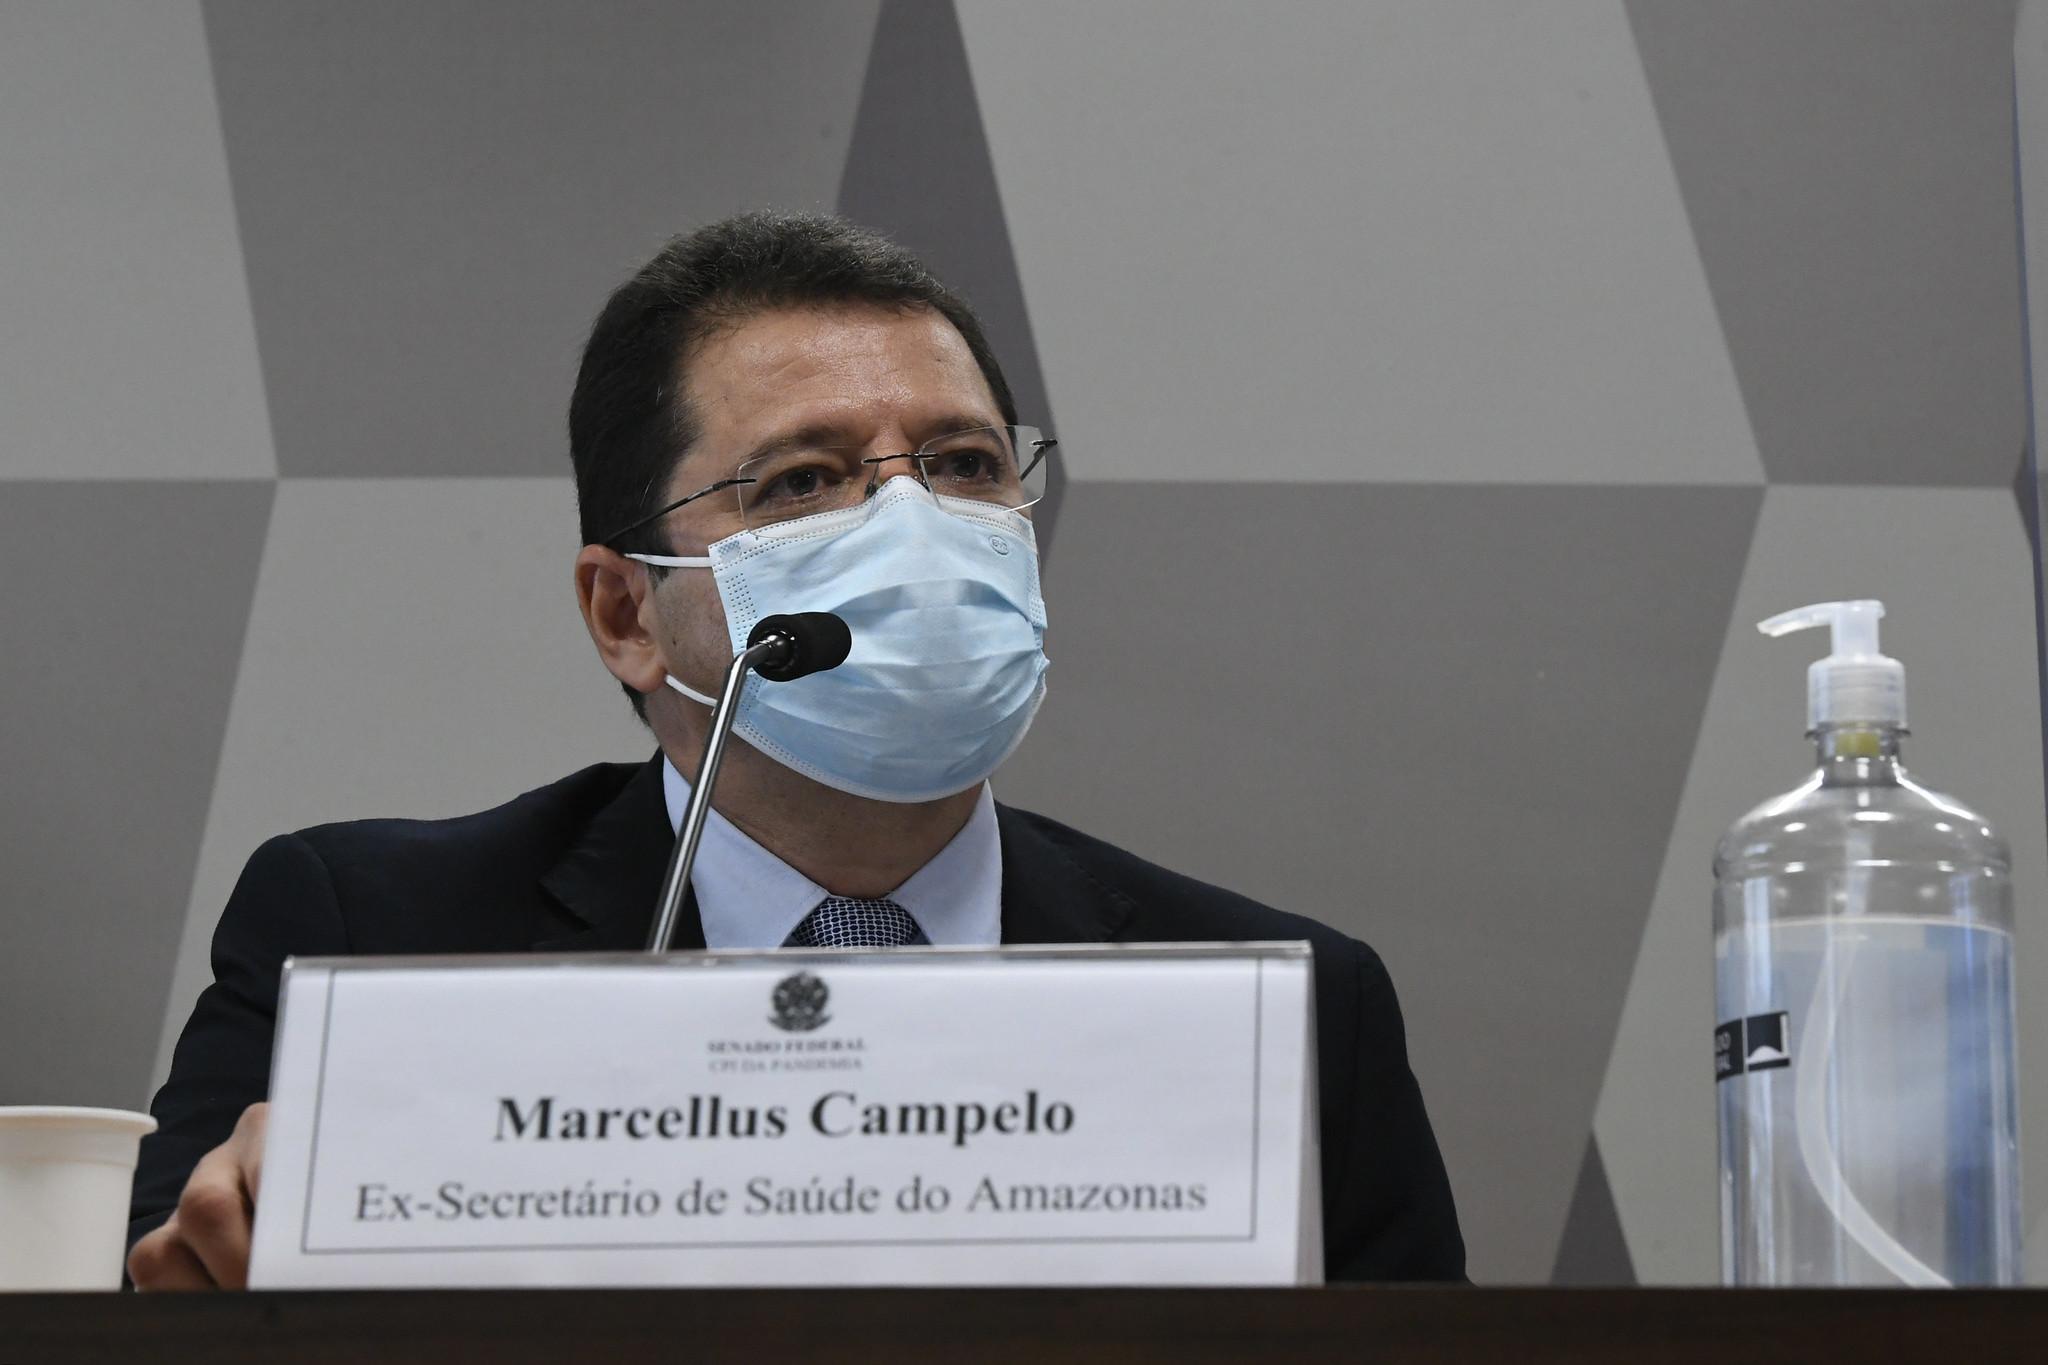 Depoimento de Marcellus Campêlo, ex-secretário de Saúde do Amazonas, para a CPI